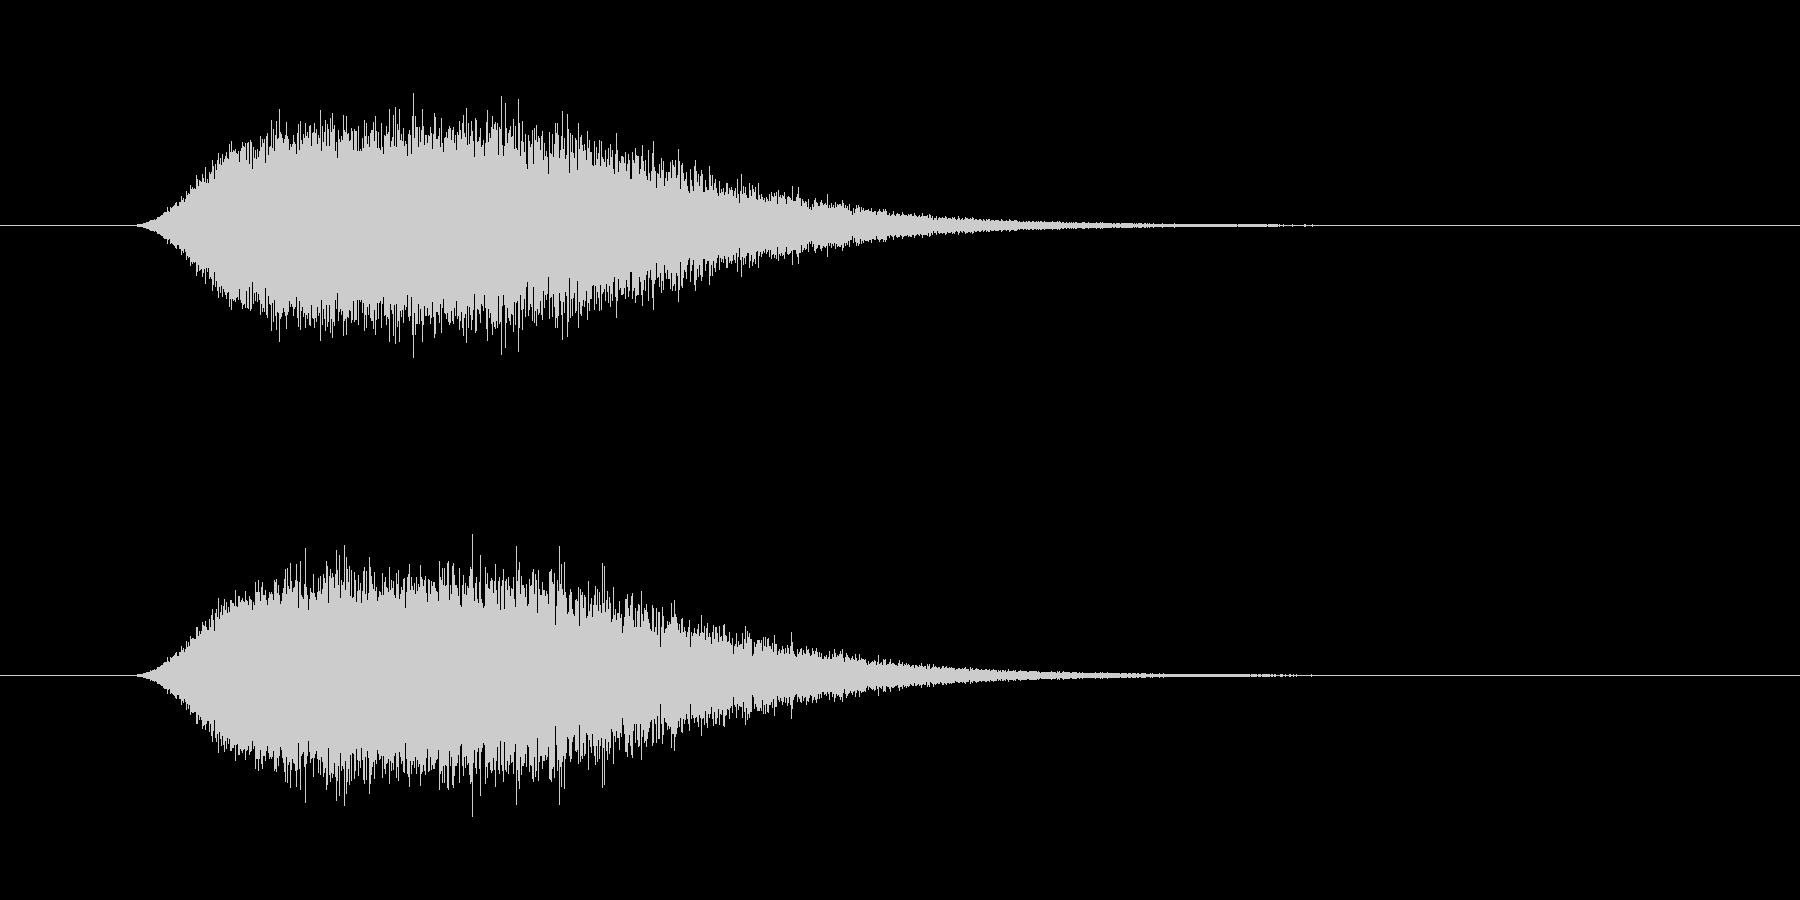 シューン ヒューン 飛ぶ シューティングの未再生の波形